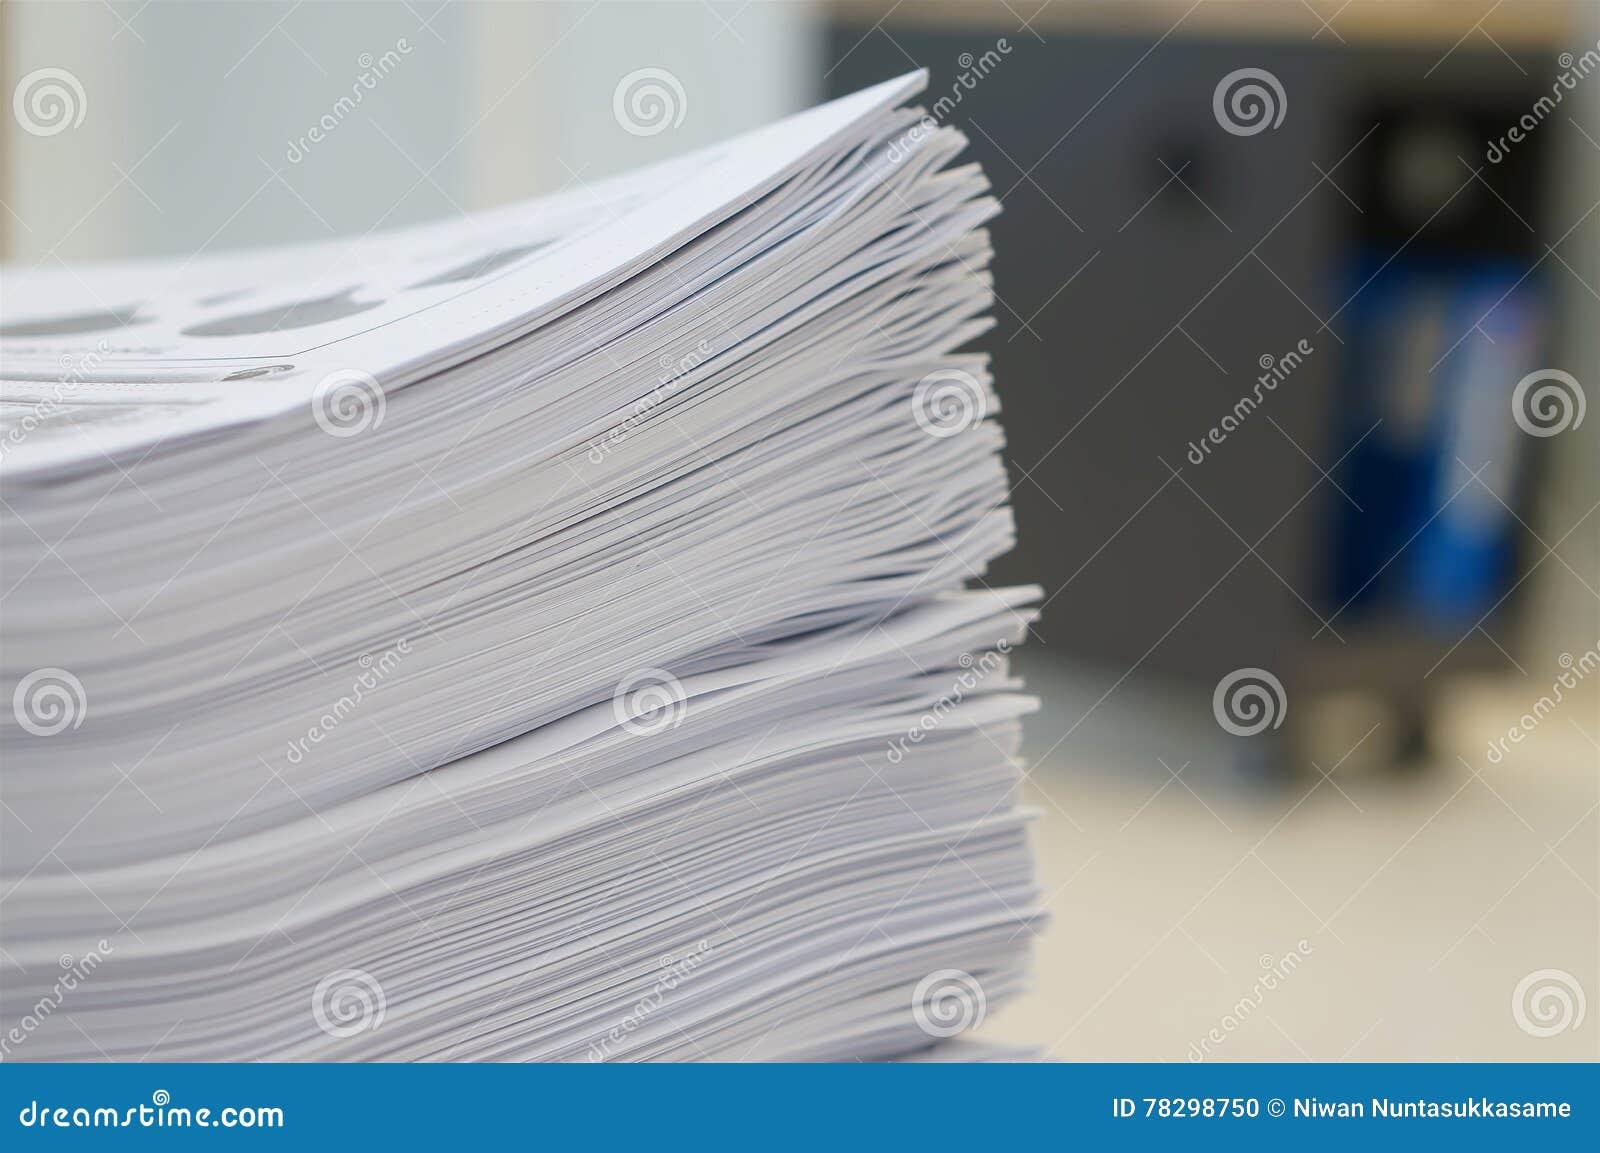 Σωρός του φύλλου εργασίας εγγράφων στο γραφείο